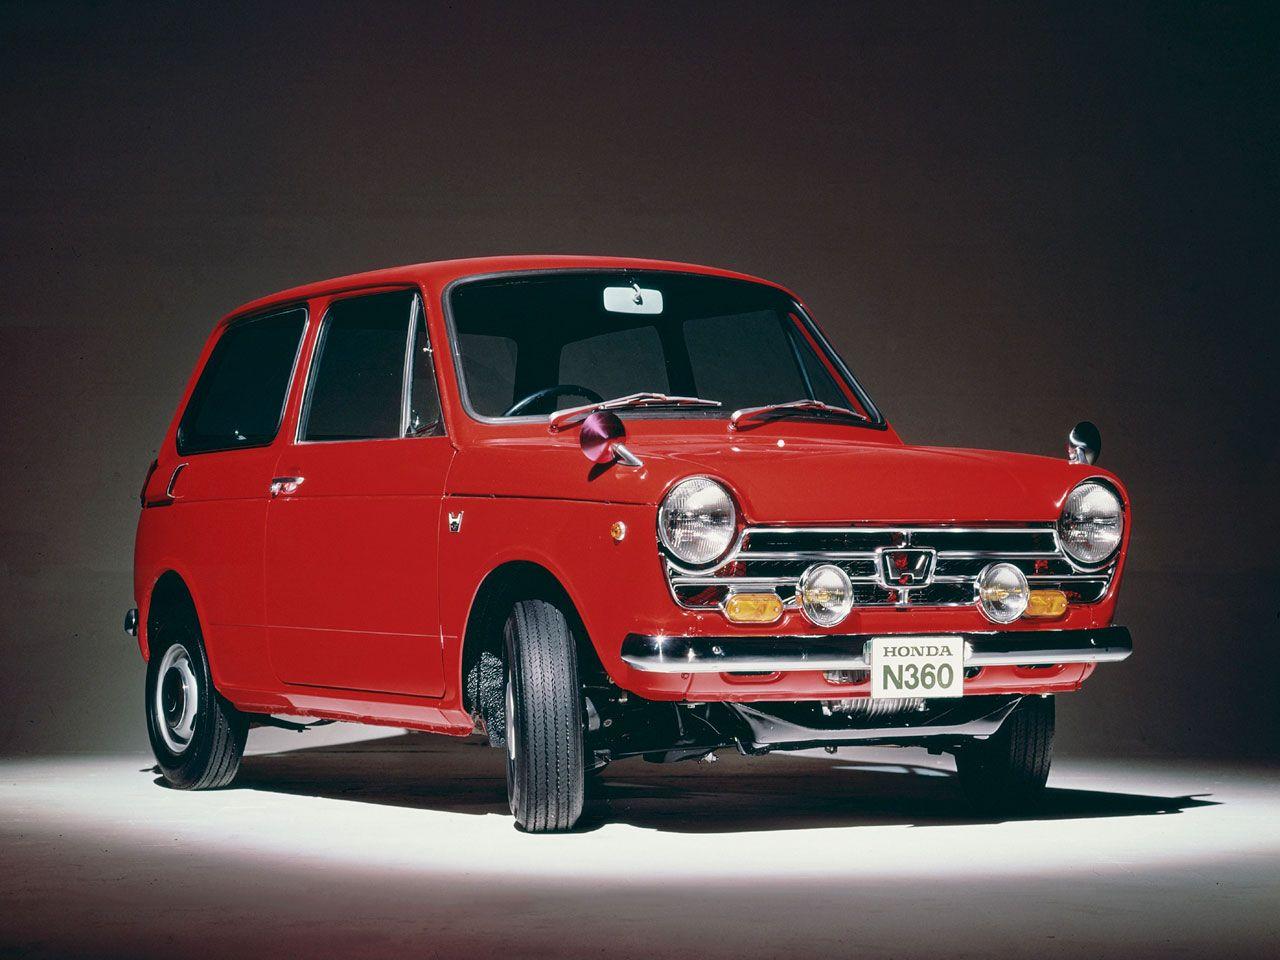 The Honda N360 (1969). I love the Honda Logo on it. Only